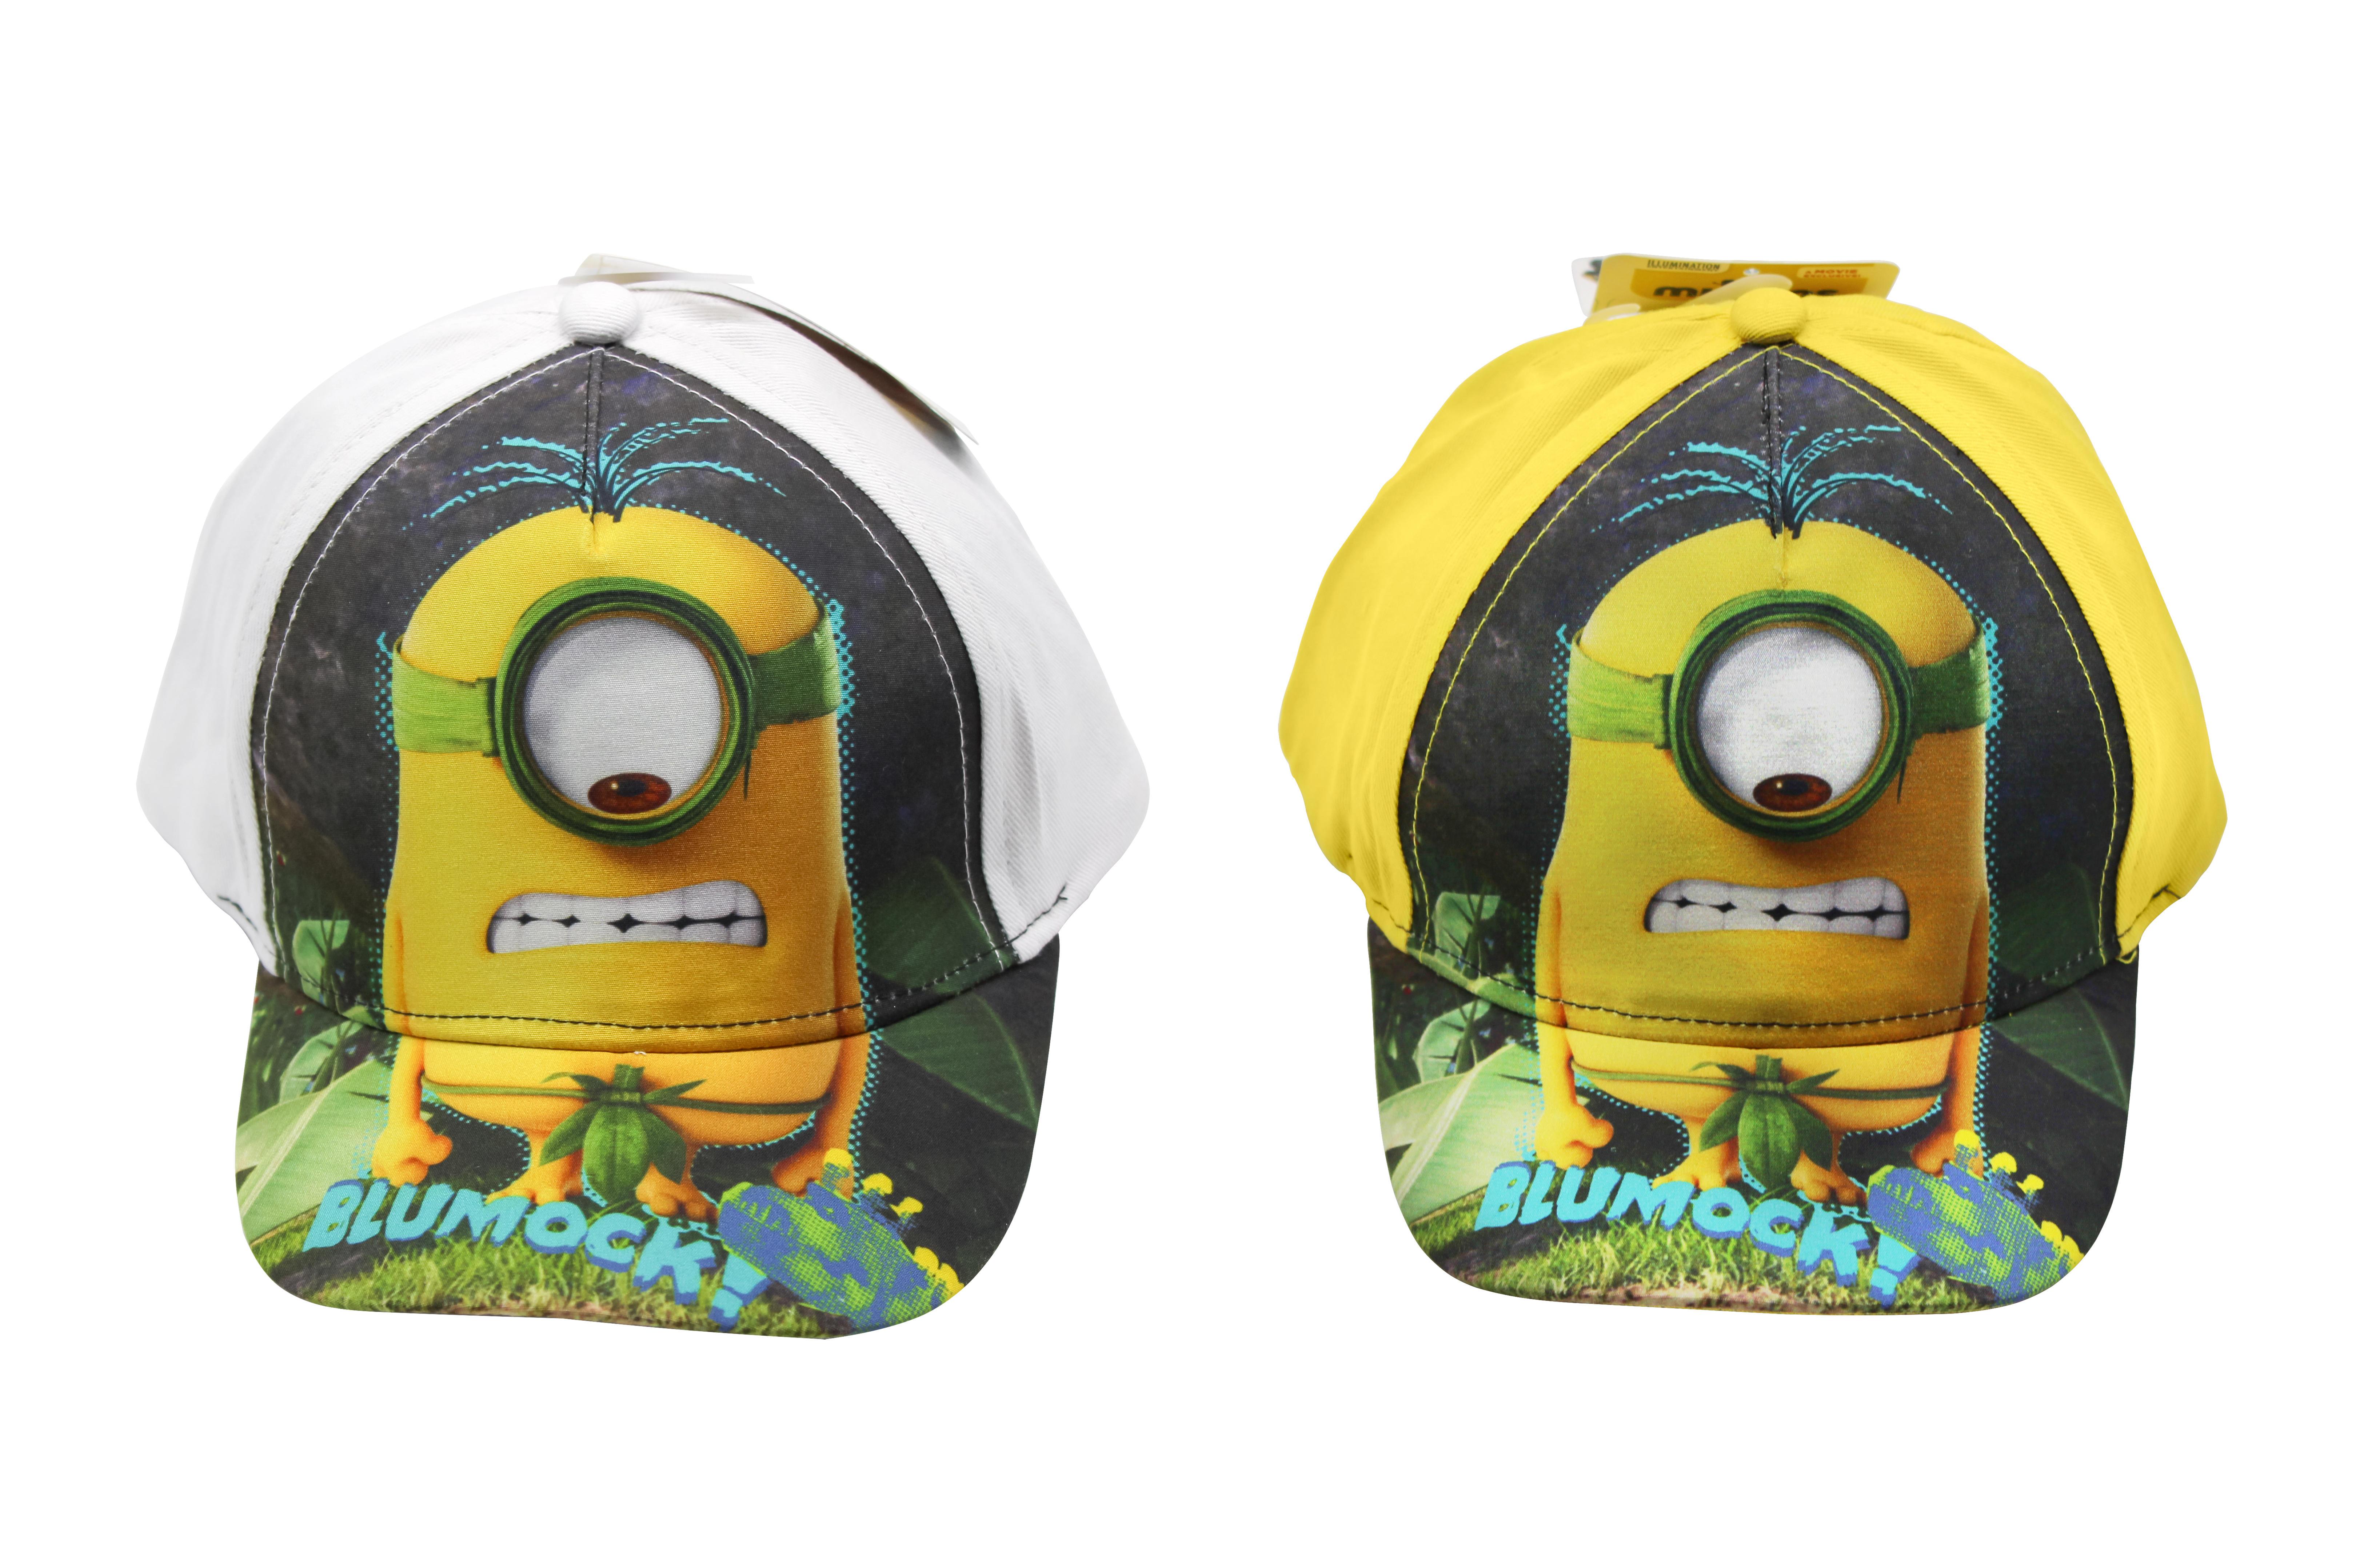 Kappe Minions Blumock weiß/gelb Schirmmütze für Kinder (Auswahl)